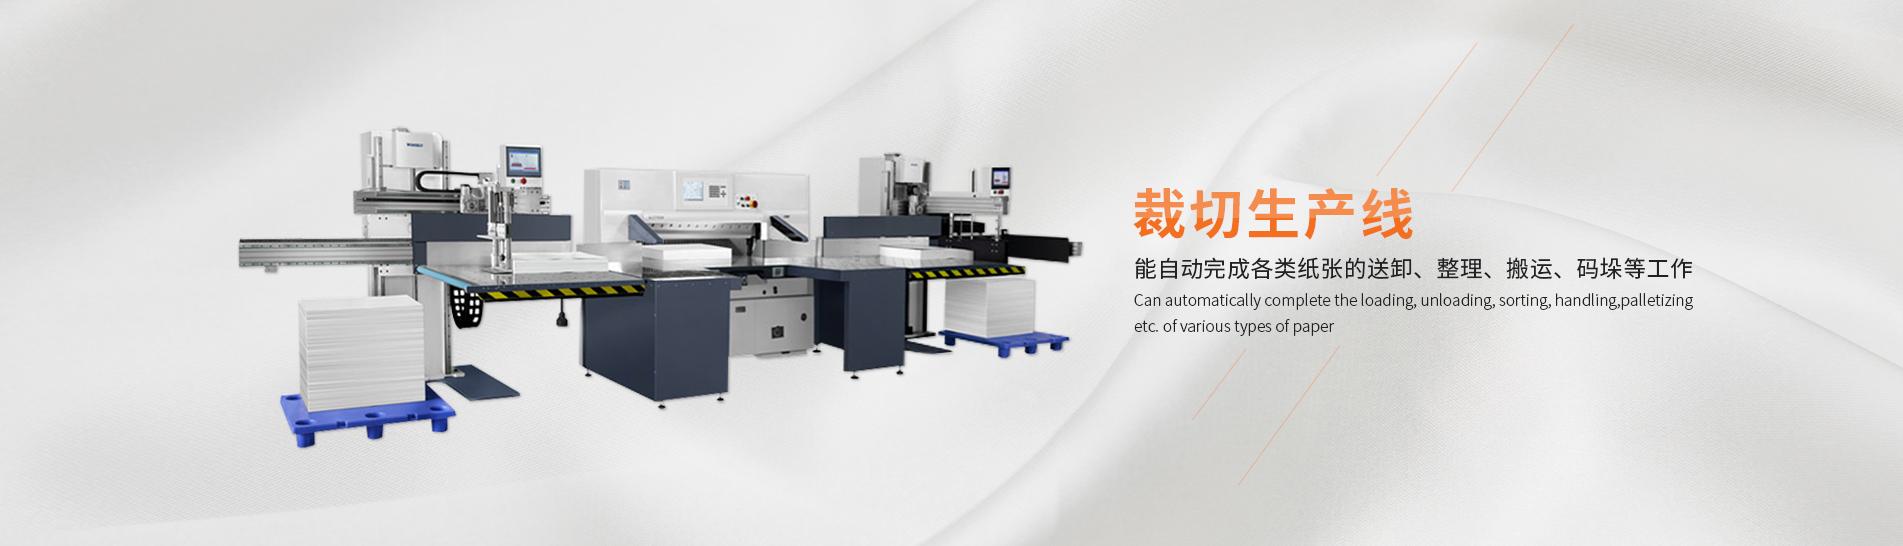 瑞安市萬德利印刷機械有限公司